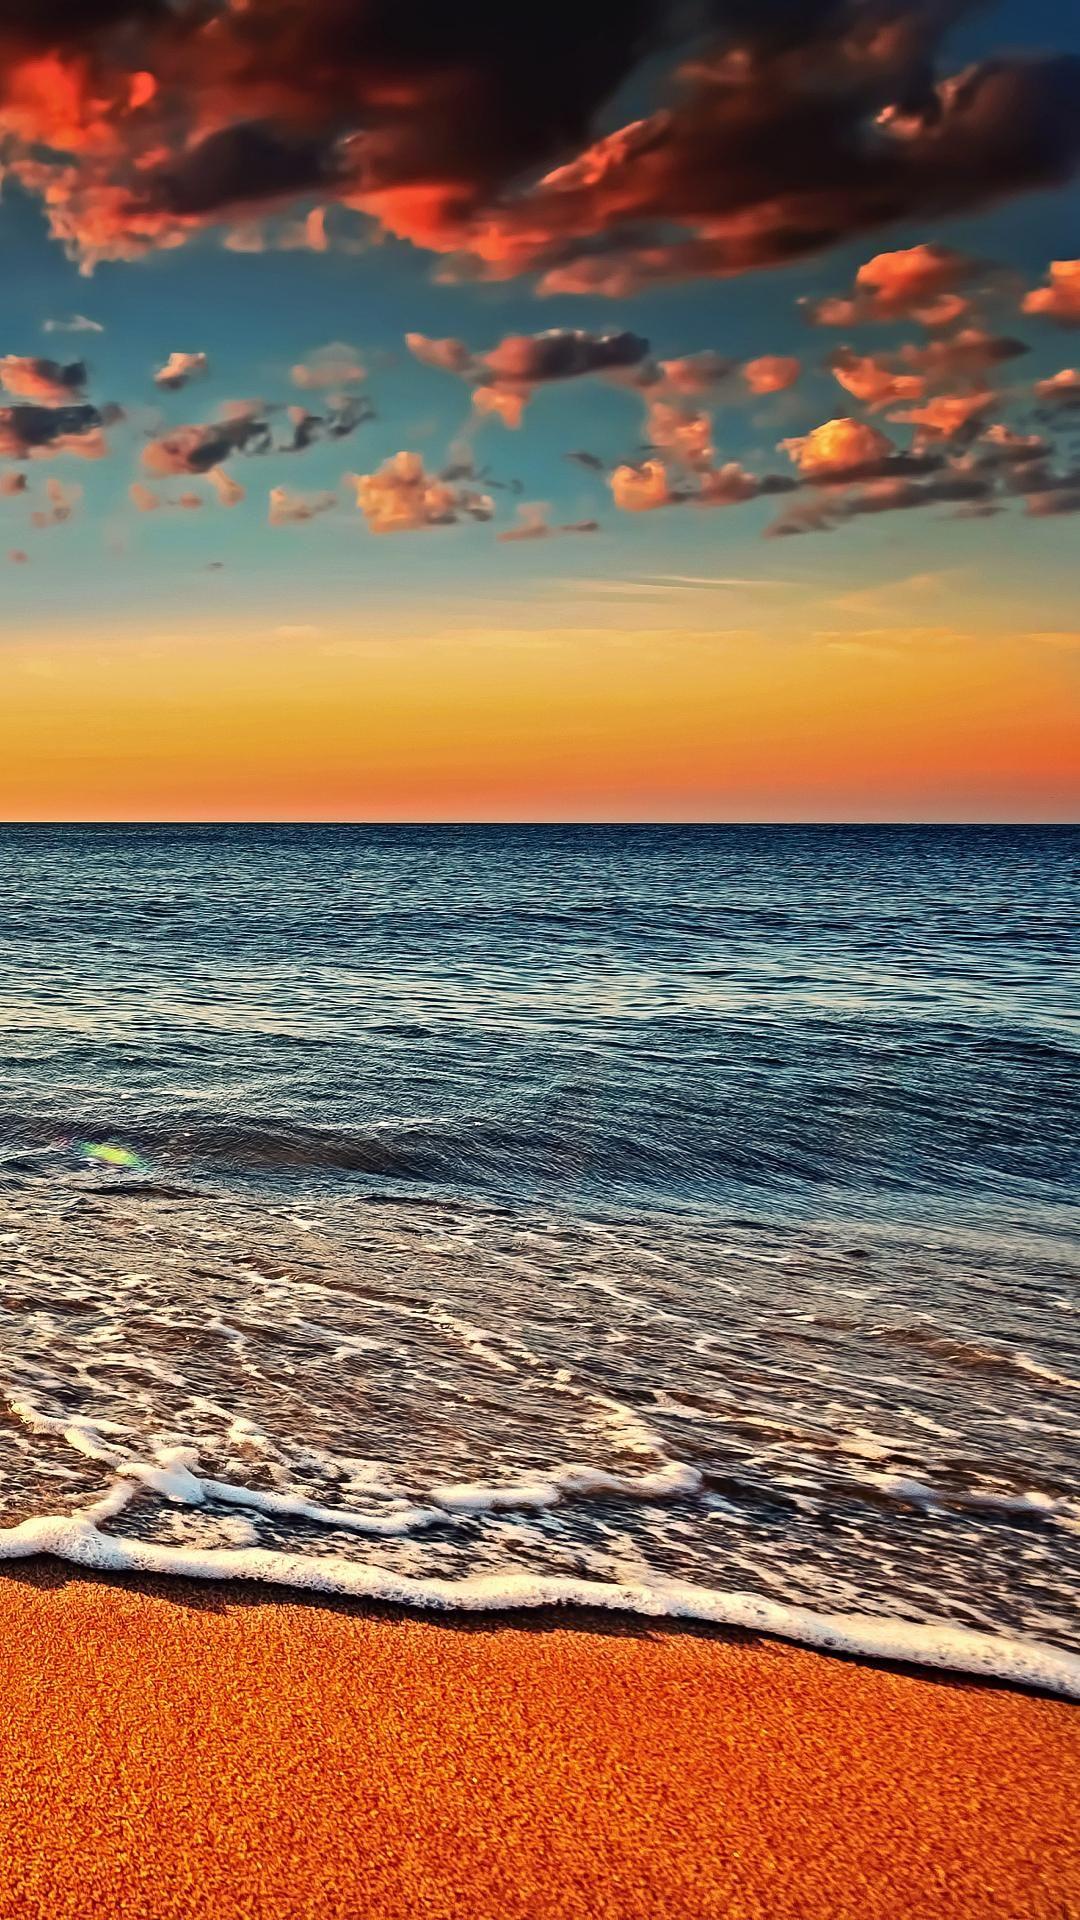 The Beach Beach Abstract Iphone Wallpaper Wallpaper Diy Crafts